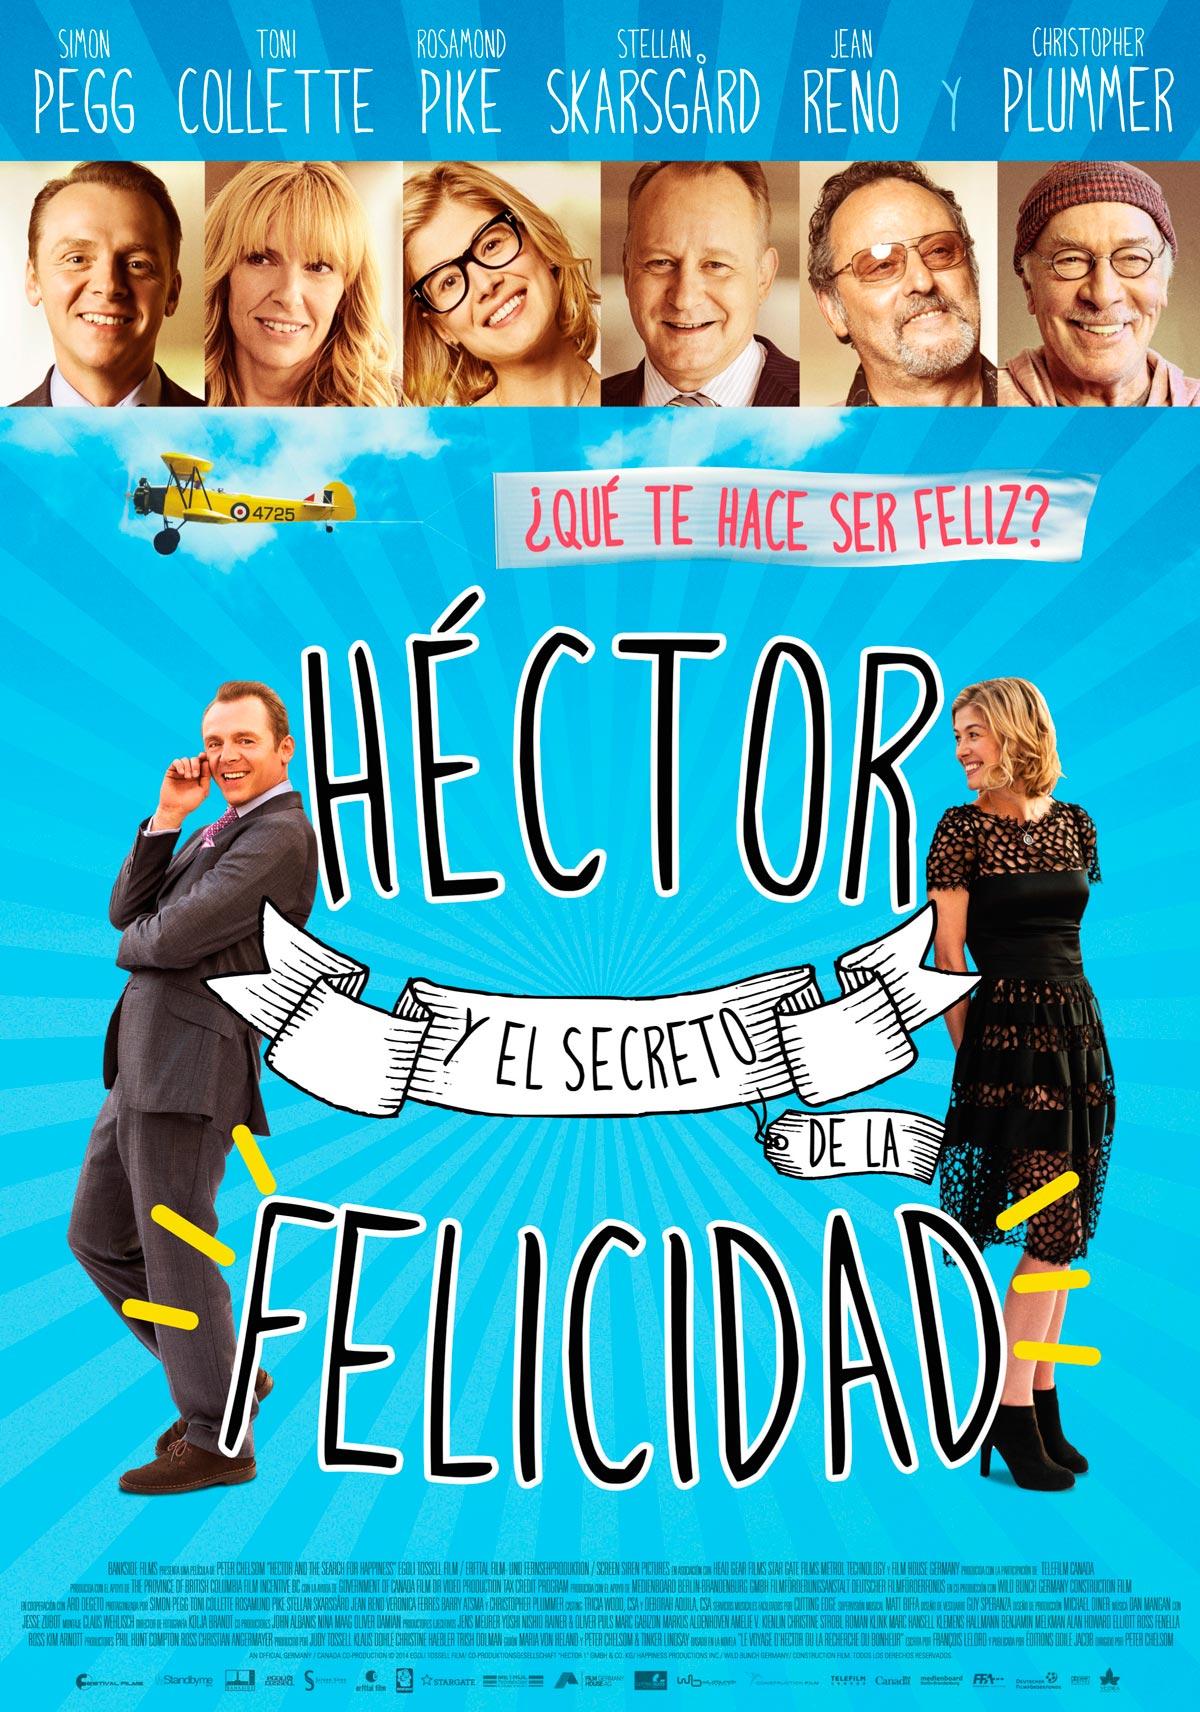 Hector y el secreto de la felicidad pel cula 2014 for Banda sonora de el jardin secreto